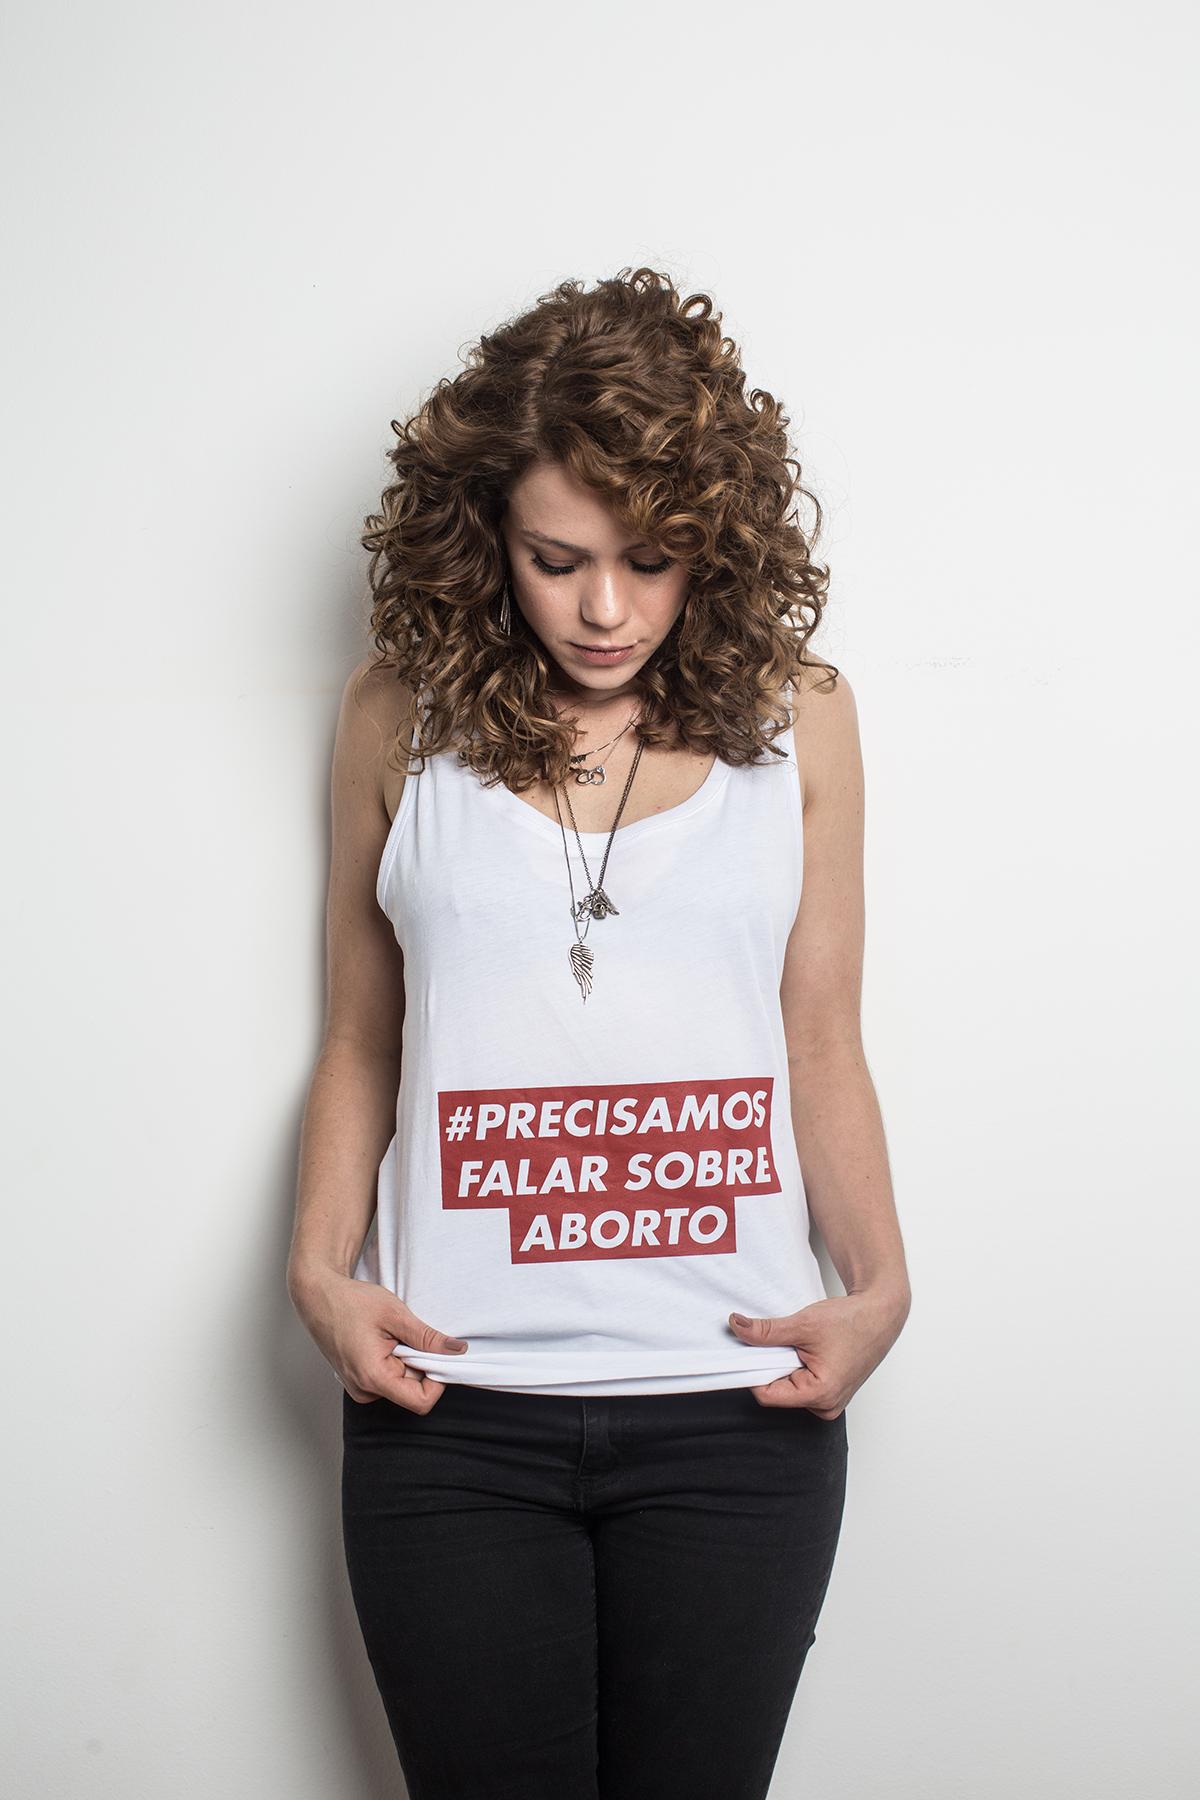 Leandra em foto da edição de novembro da revista Tpm, em defesa da legalização do aborto